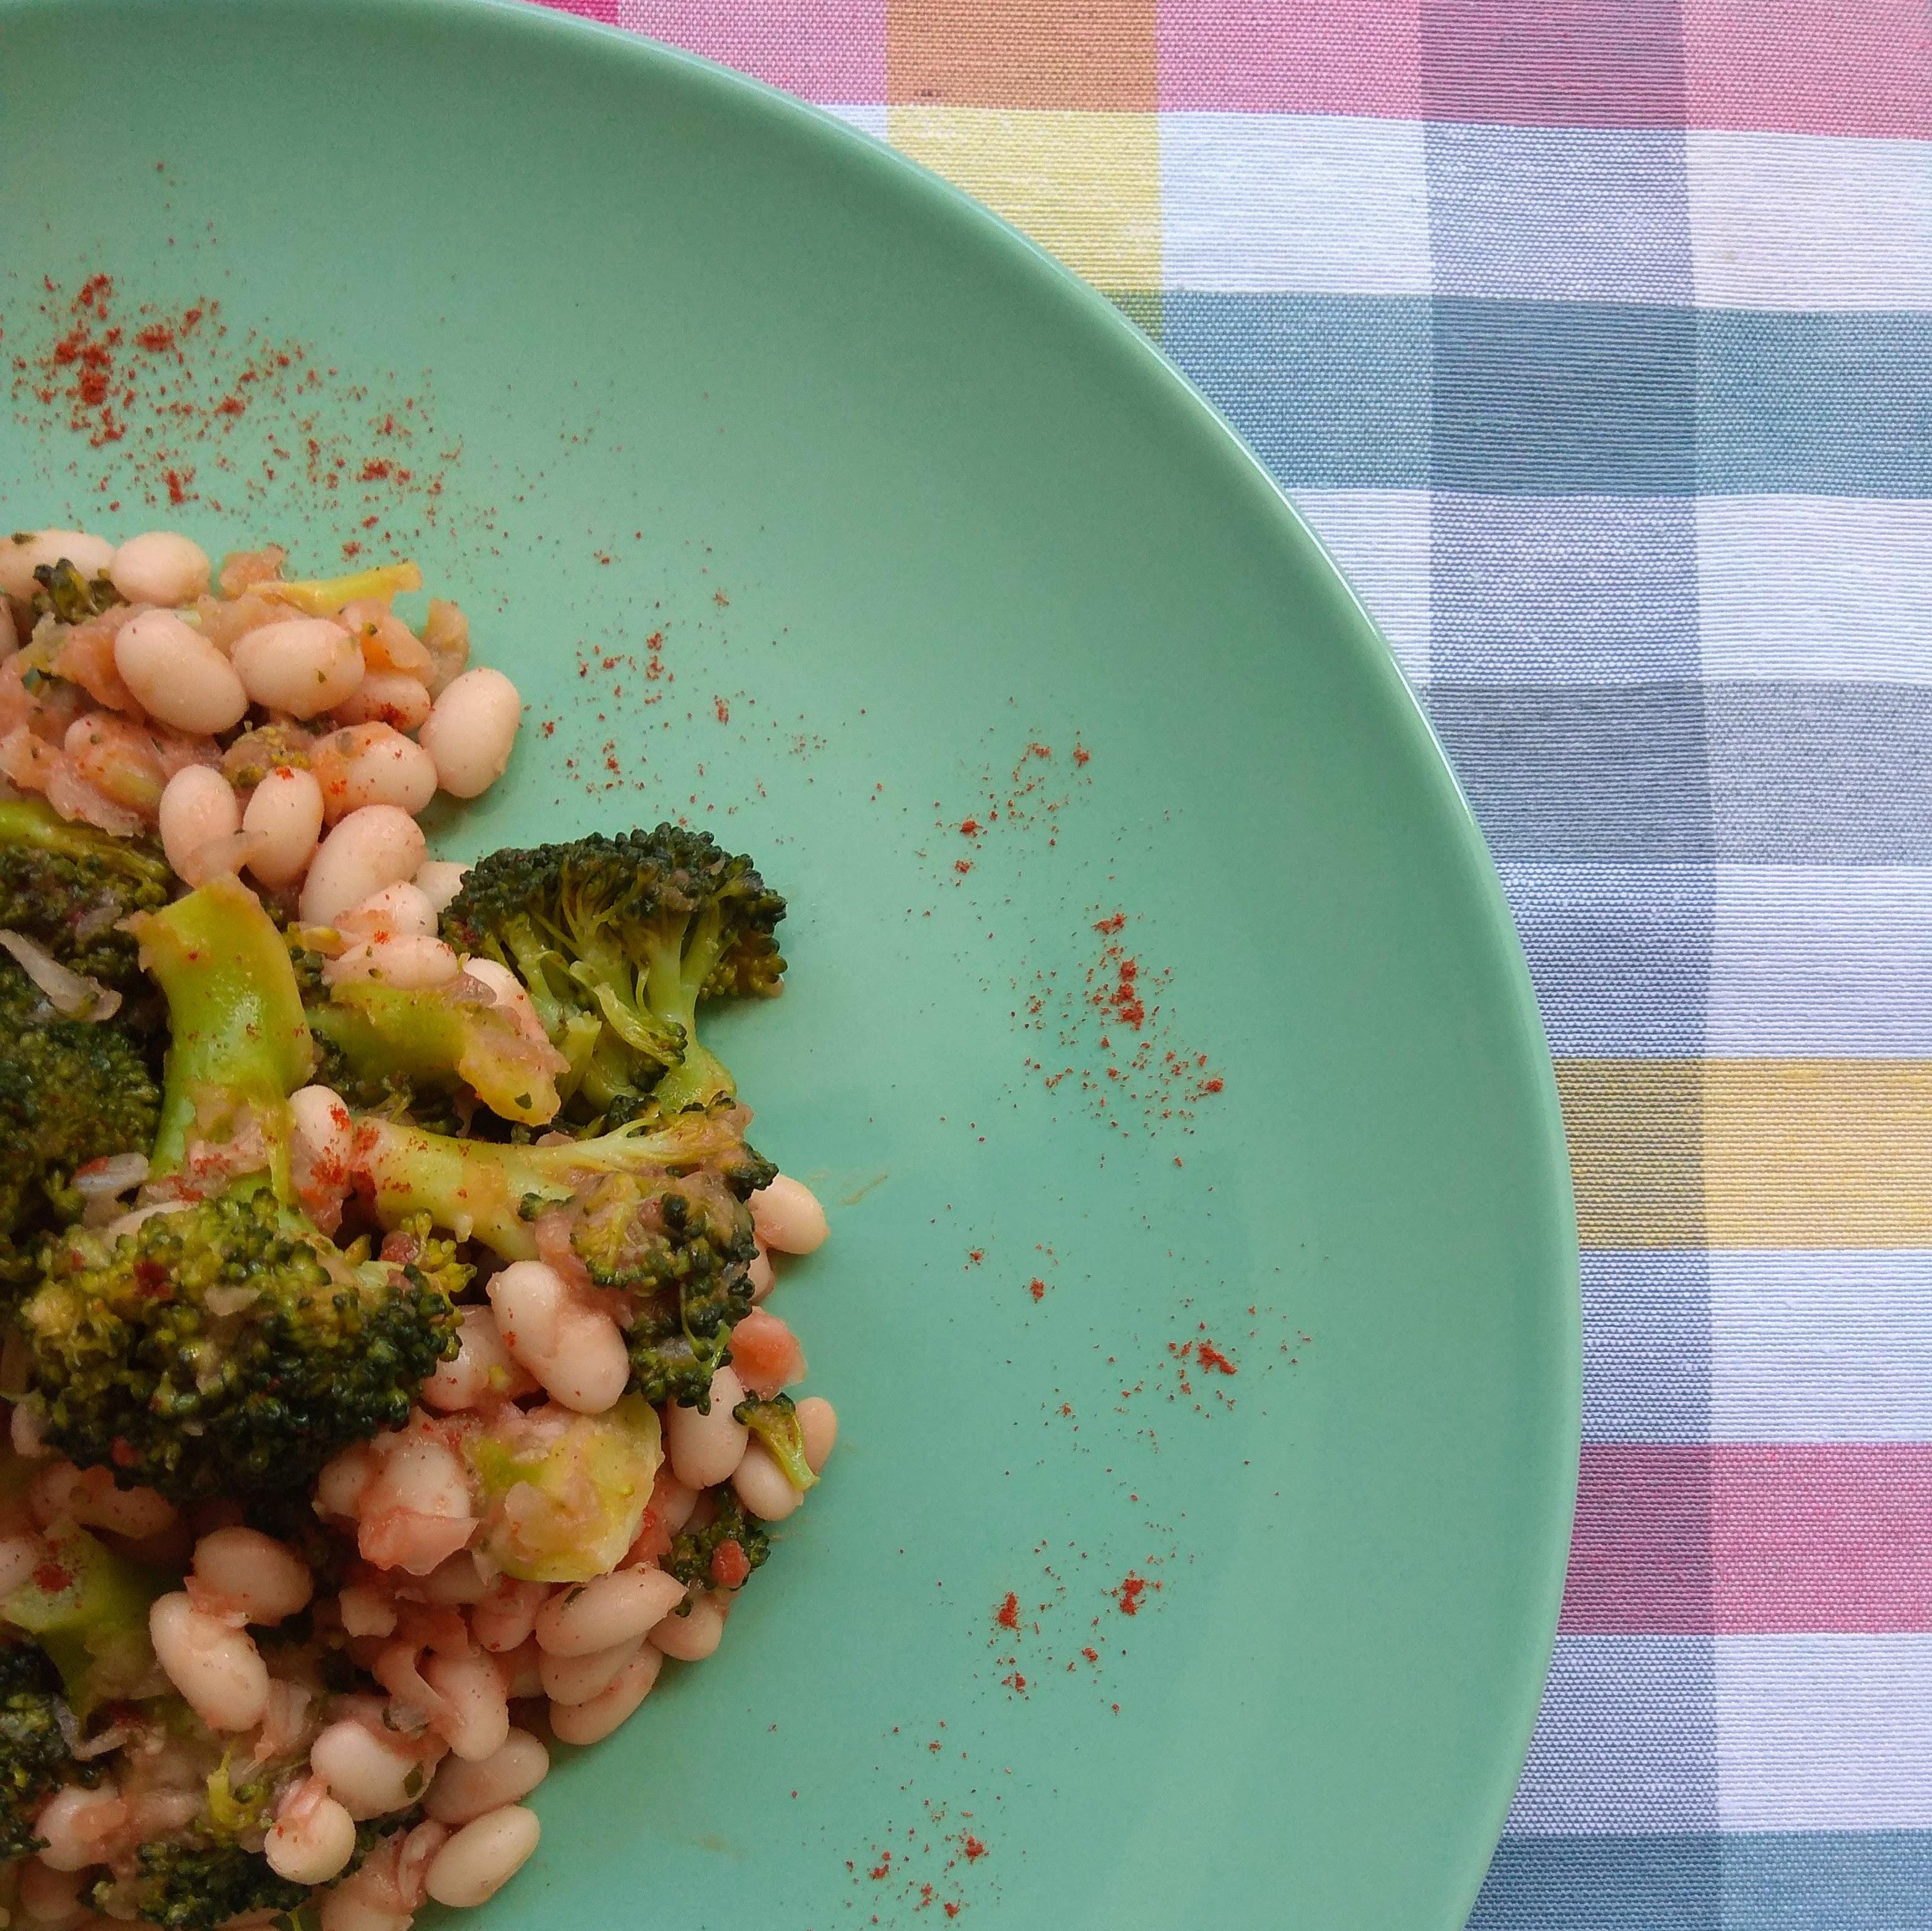 Receta: Brócoli con judías blancas. Descúbrela en: www.cocinandoconlola.com